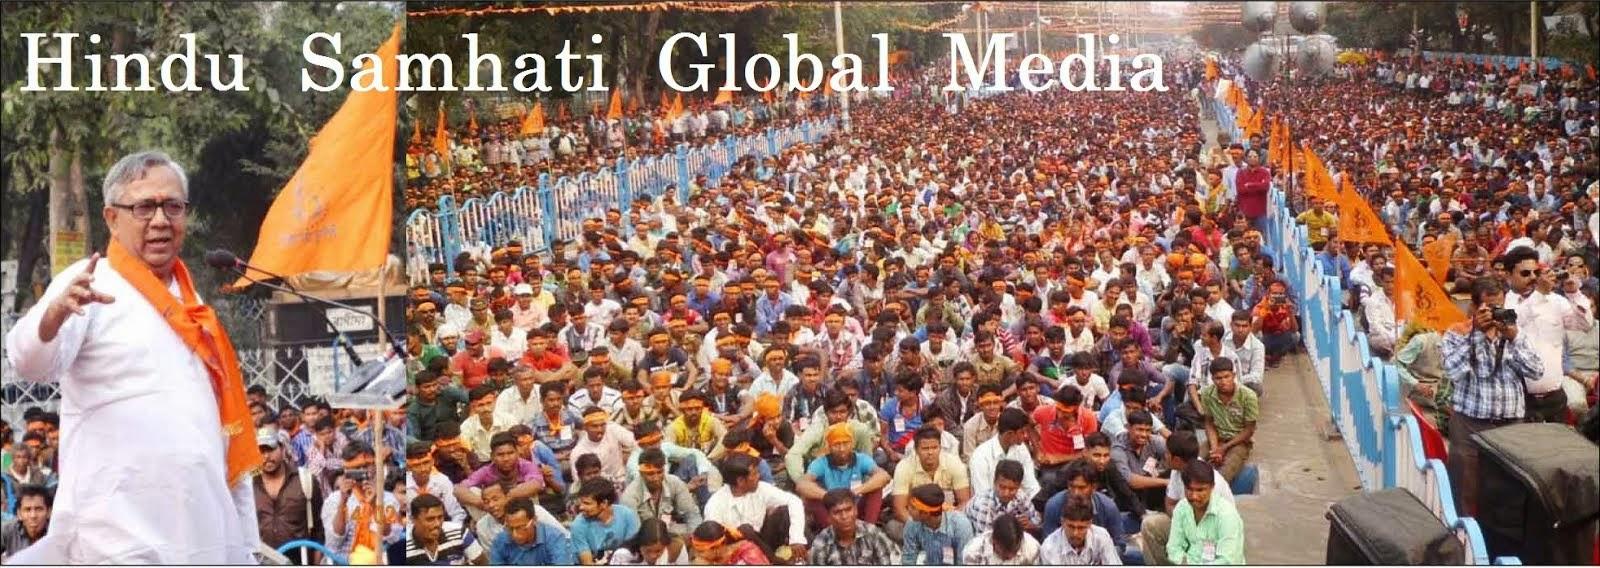 Hindu Samhati Global Media